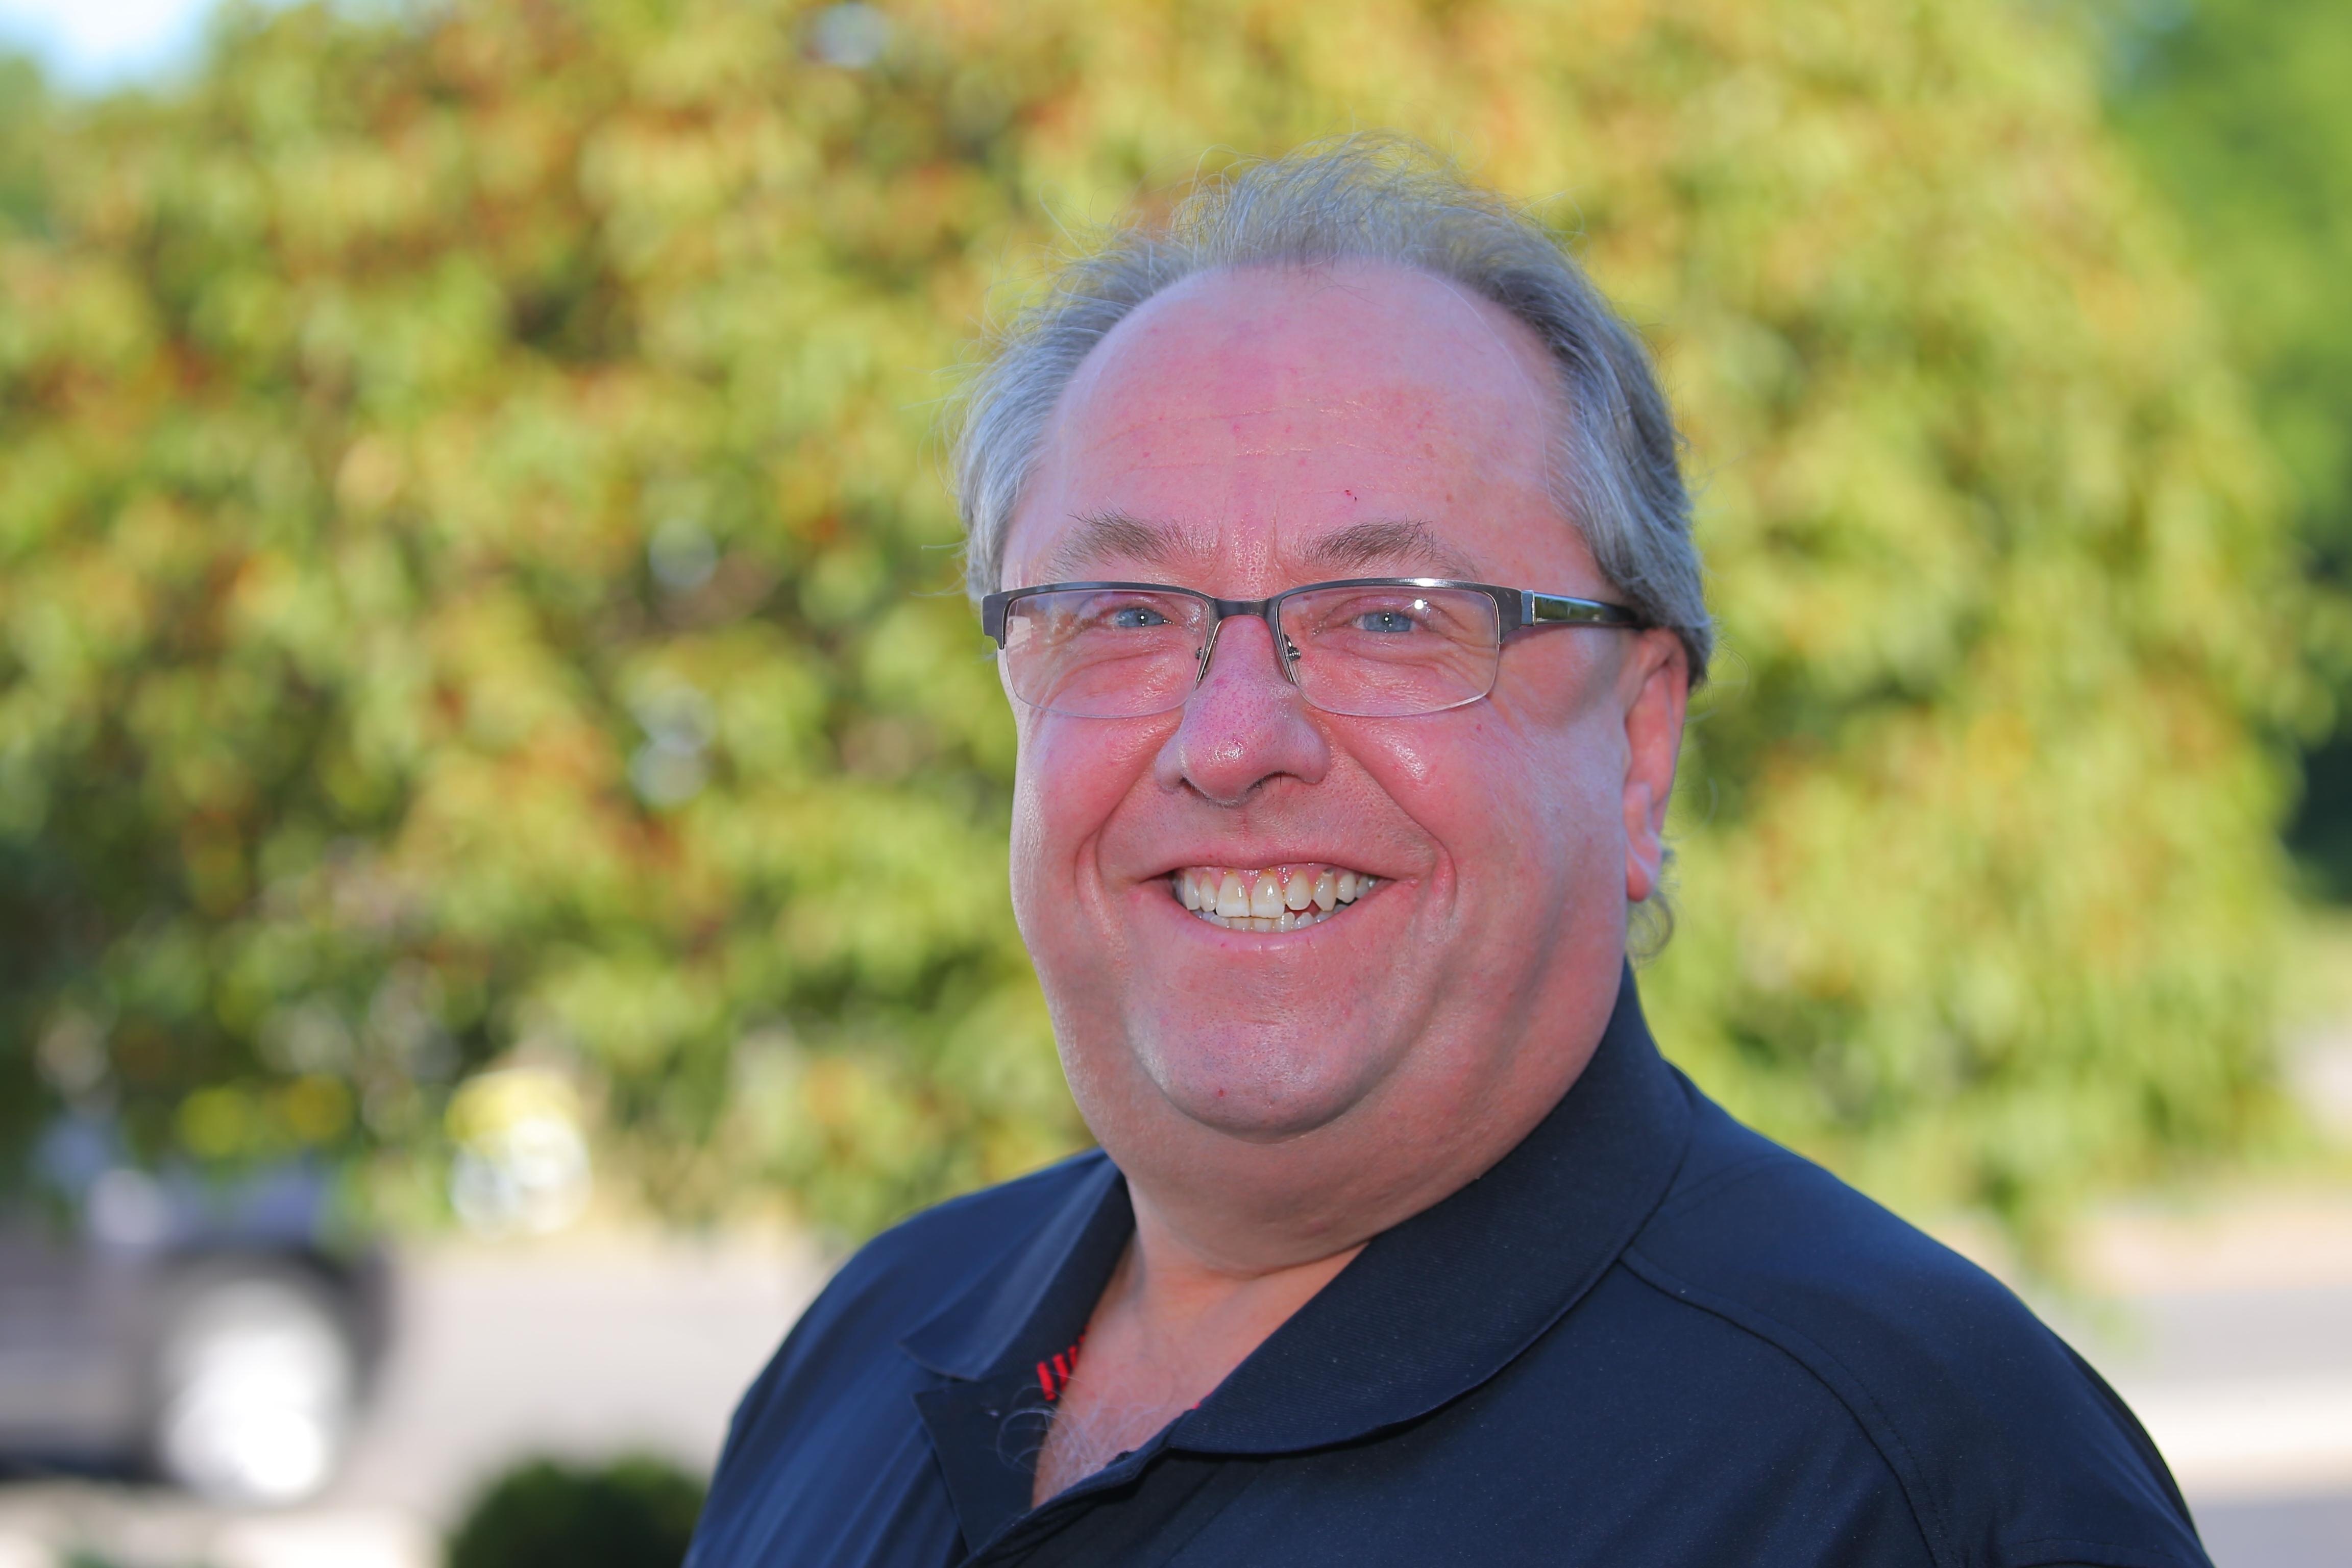 Mike Landers is organizing Elks fundraiser.